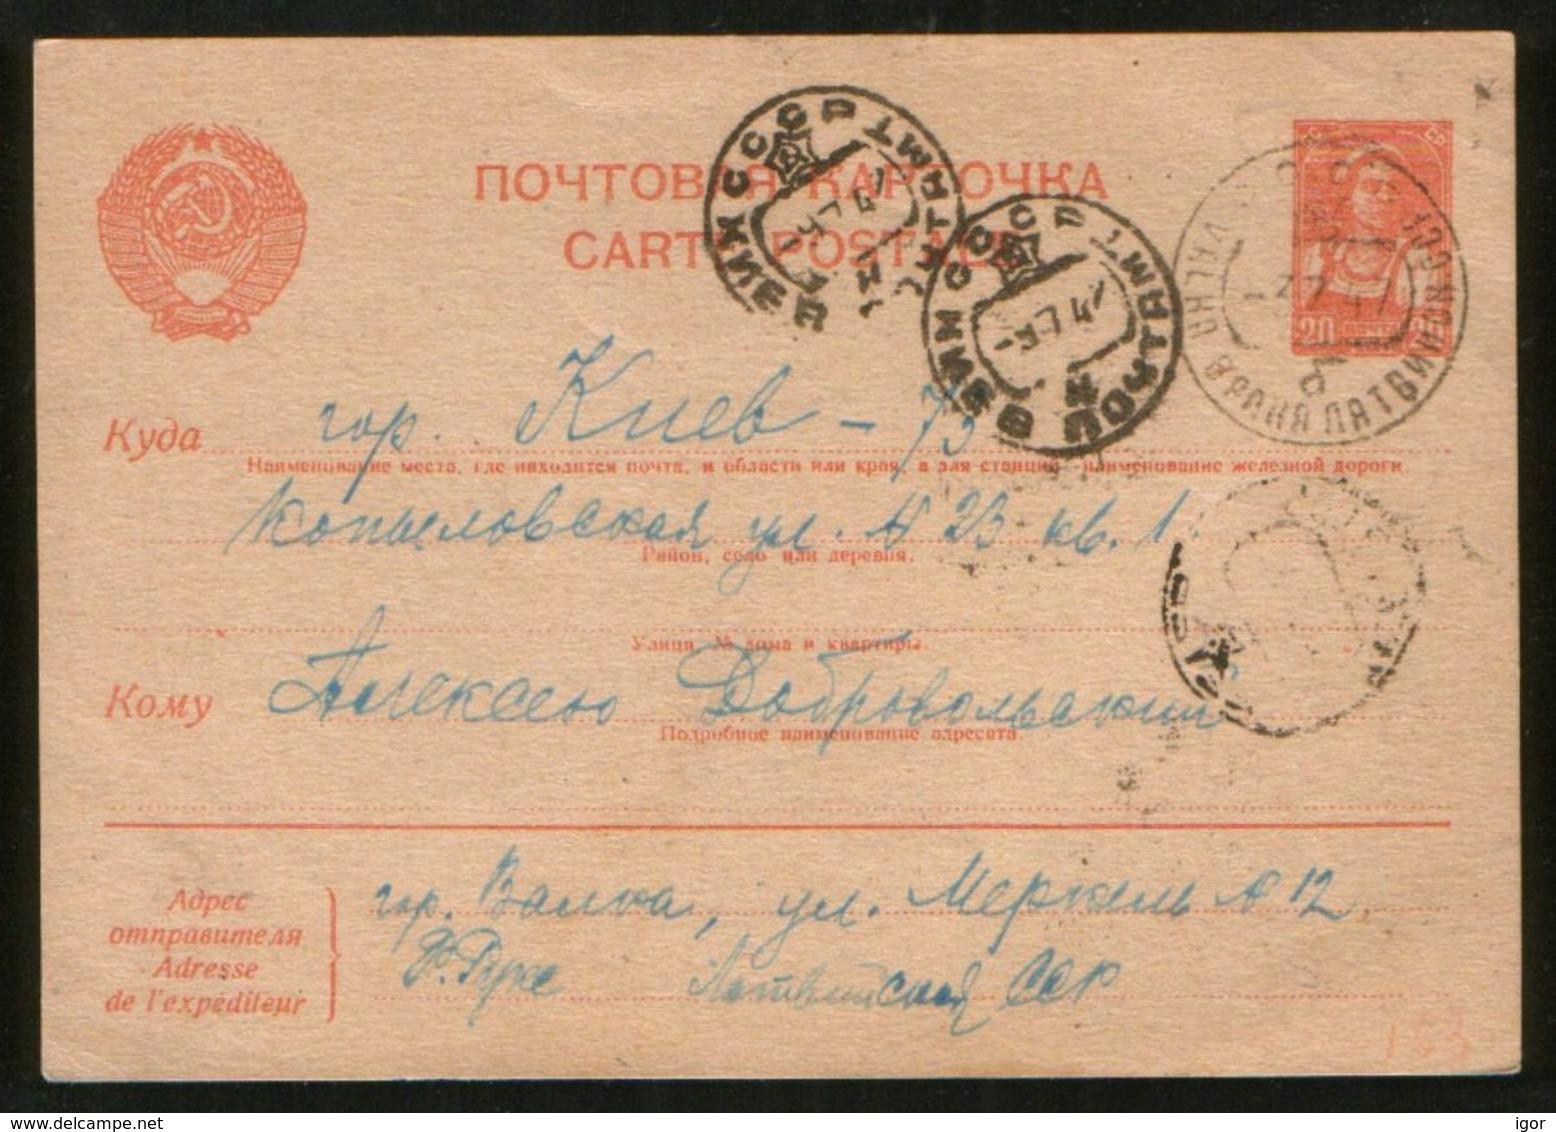 Latvia USRR 1947 Postcard Valka - Kiev - Latvia